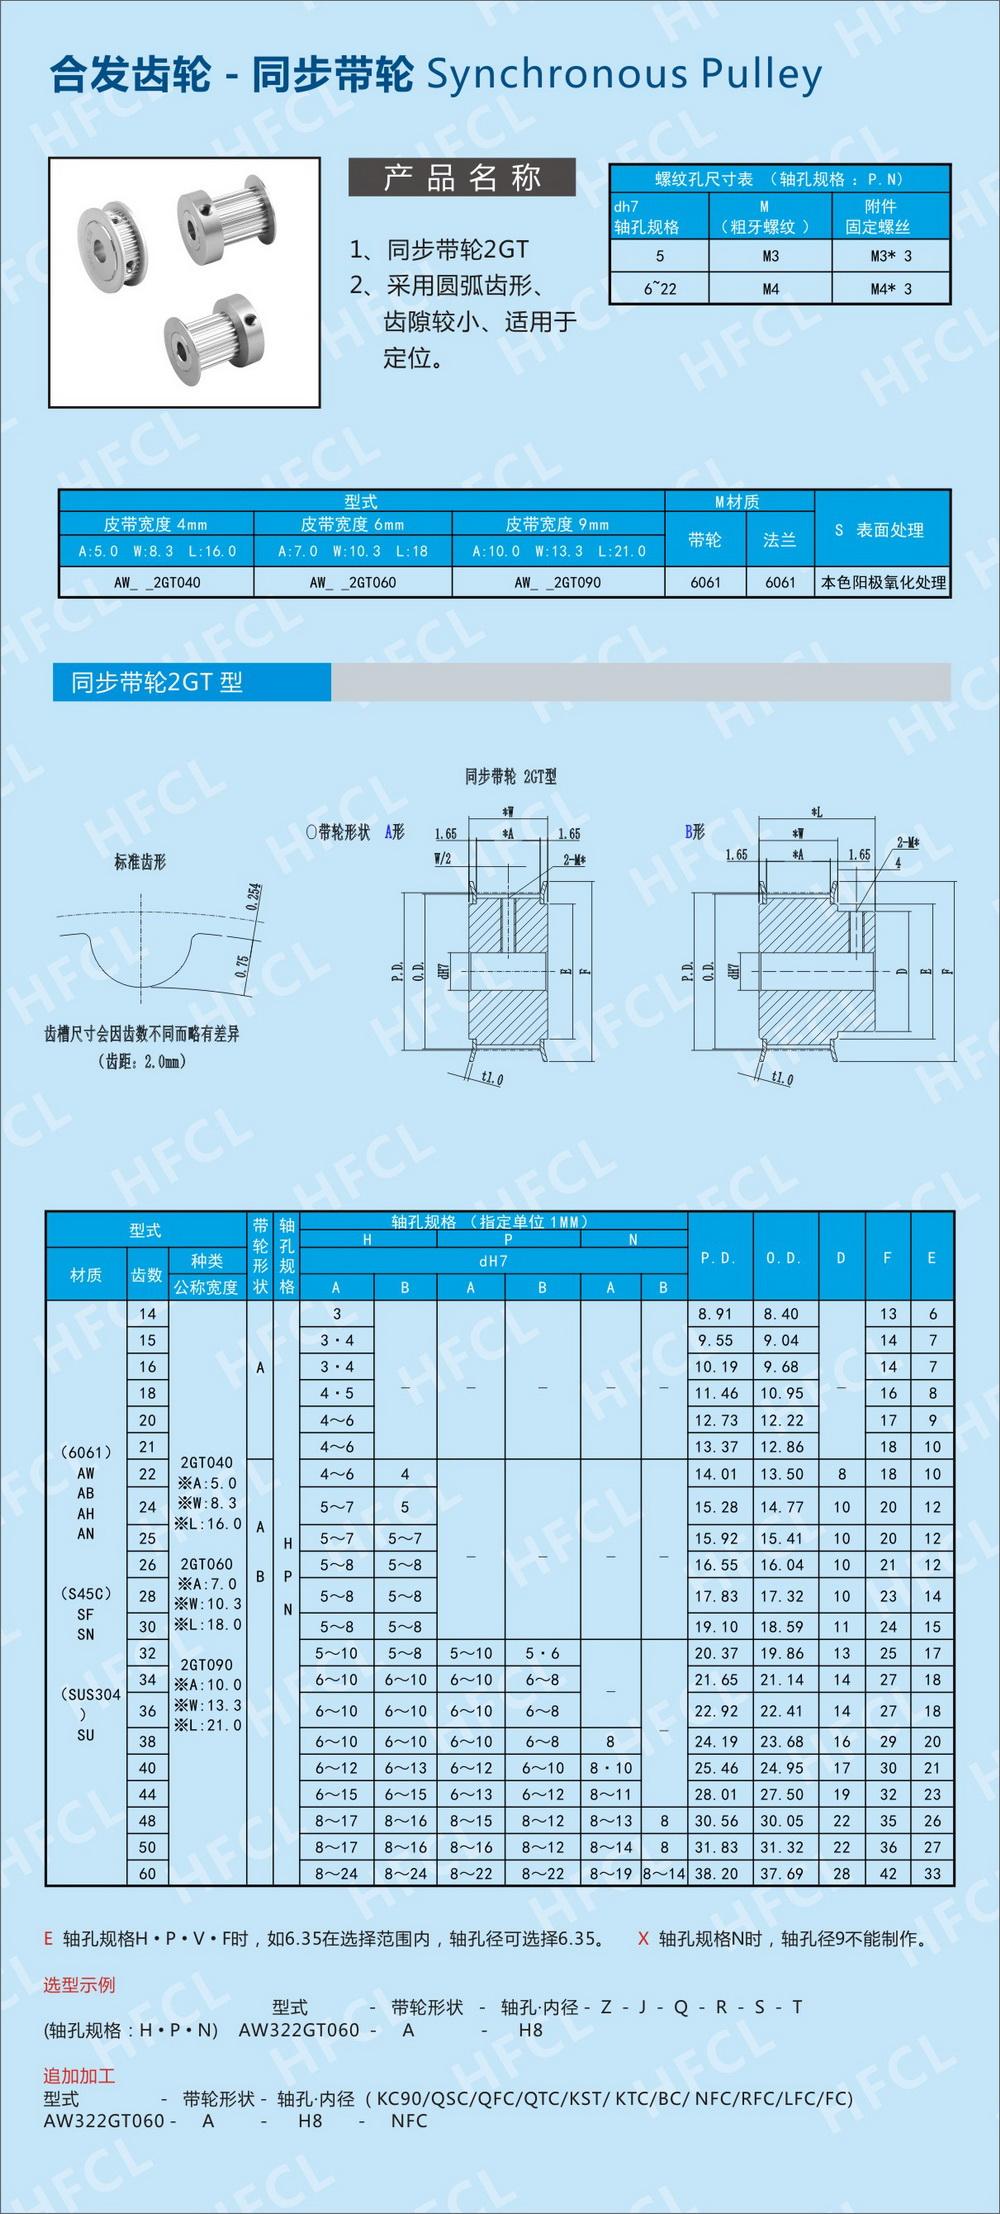 h型同步带轮参数_【圆弧齿同步轮规格2GT型】型号_参数,深圳合发齿轮加工厂家